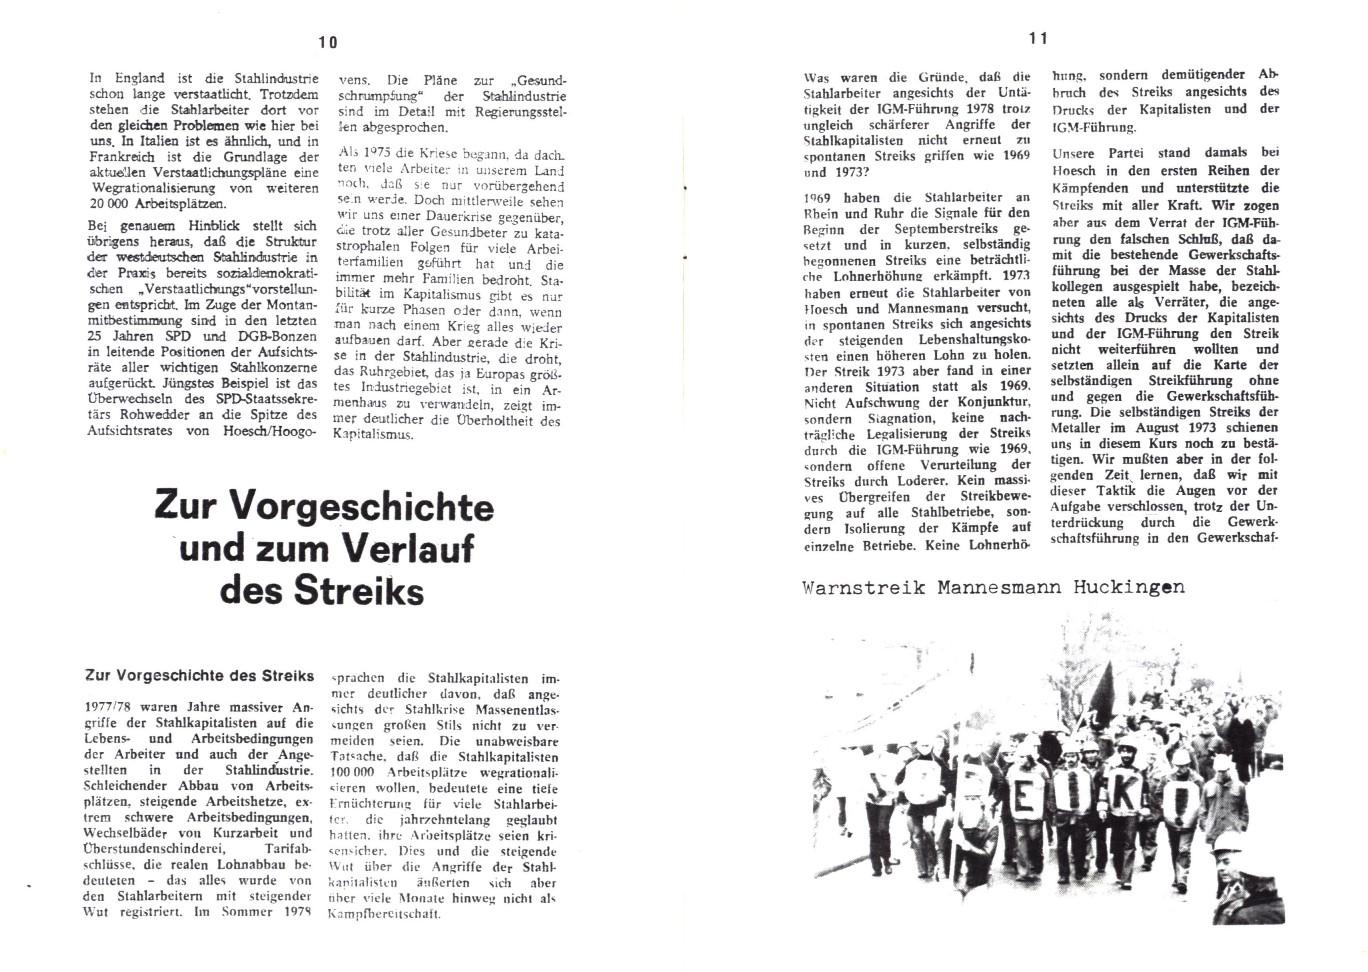 KPDAO_1979_Streik_in_der_Stahlindustrie_07